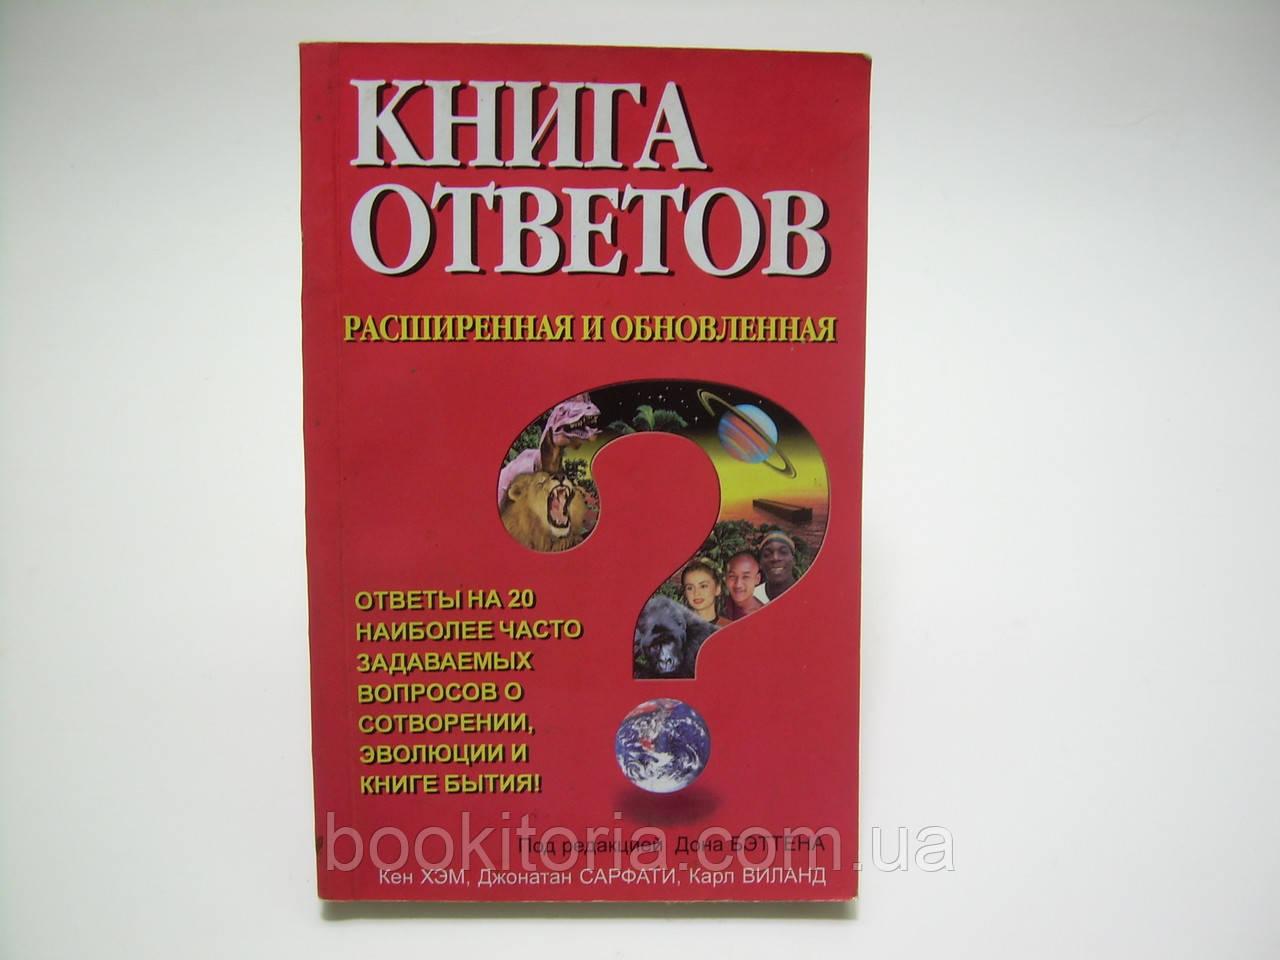 Книга ответов (расширенная и обновленная) (б/у).